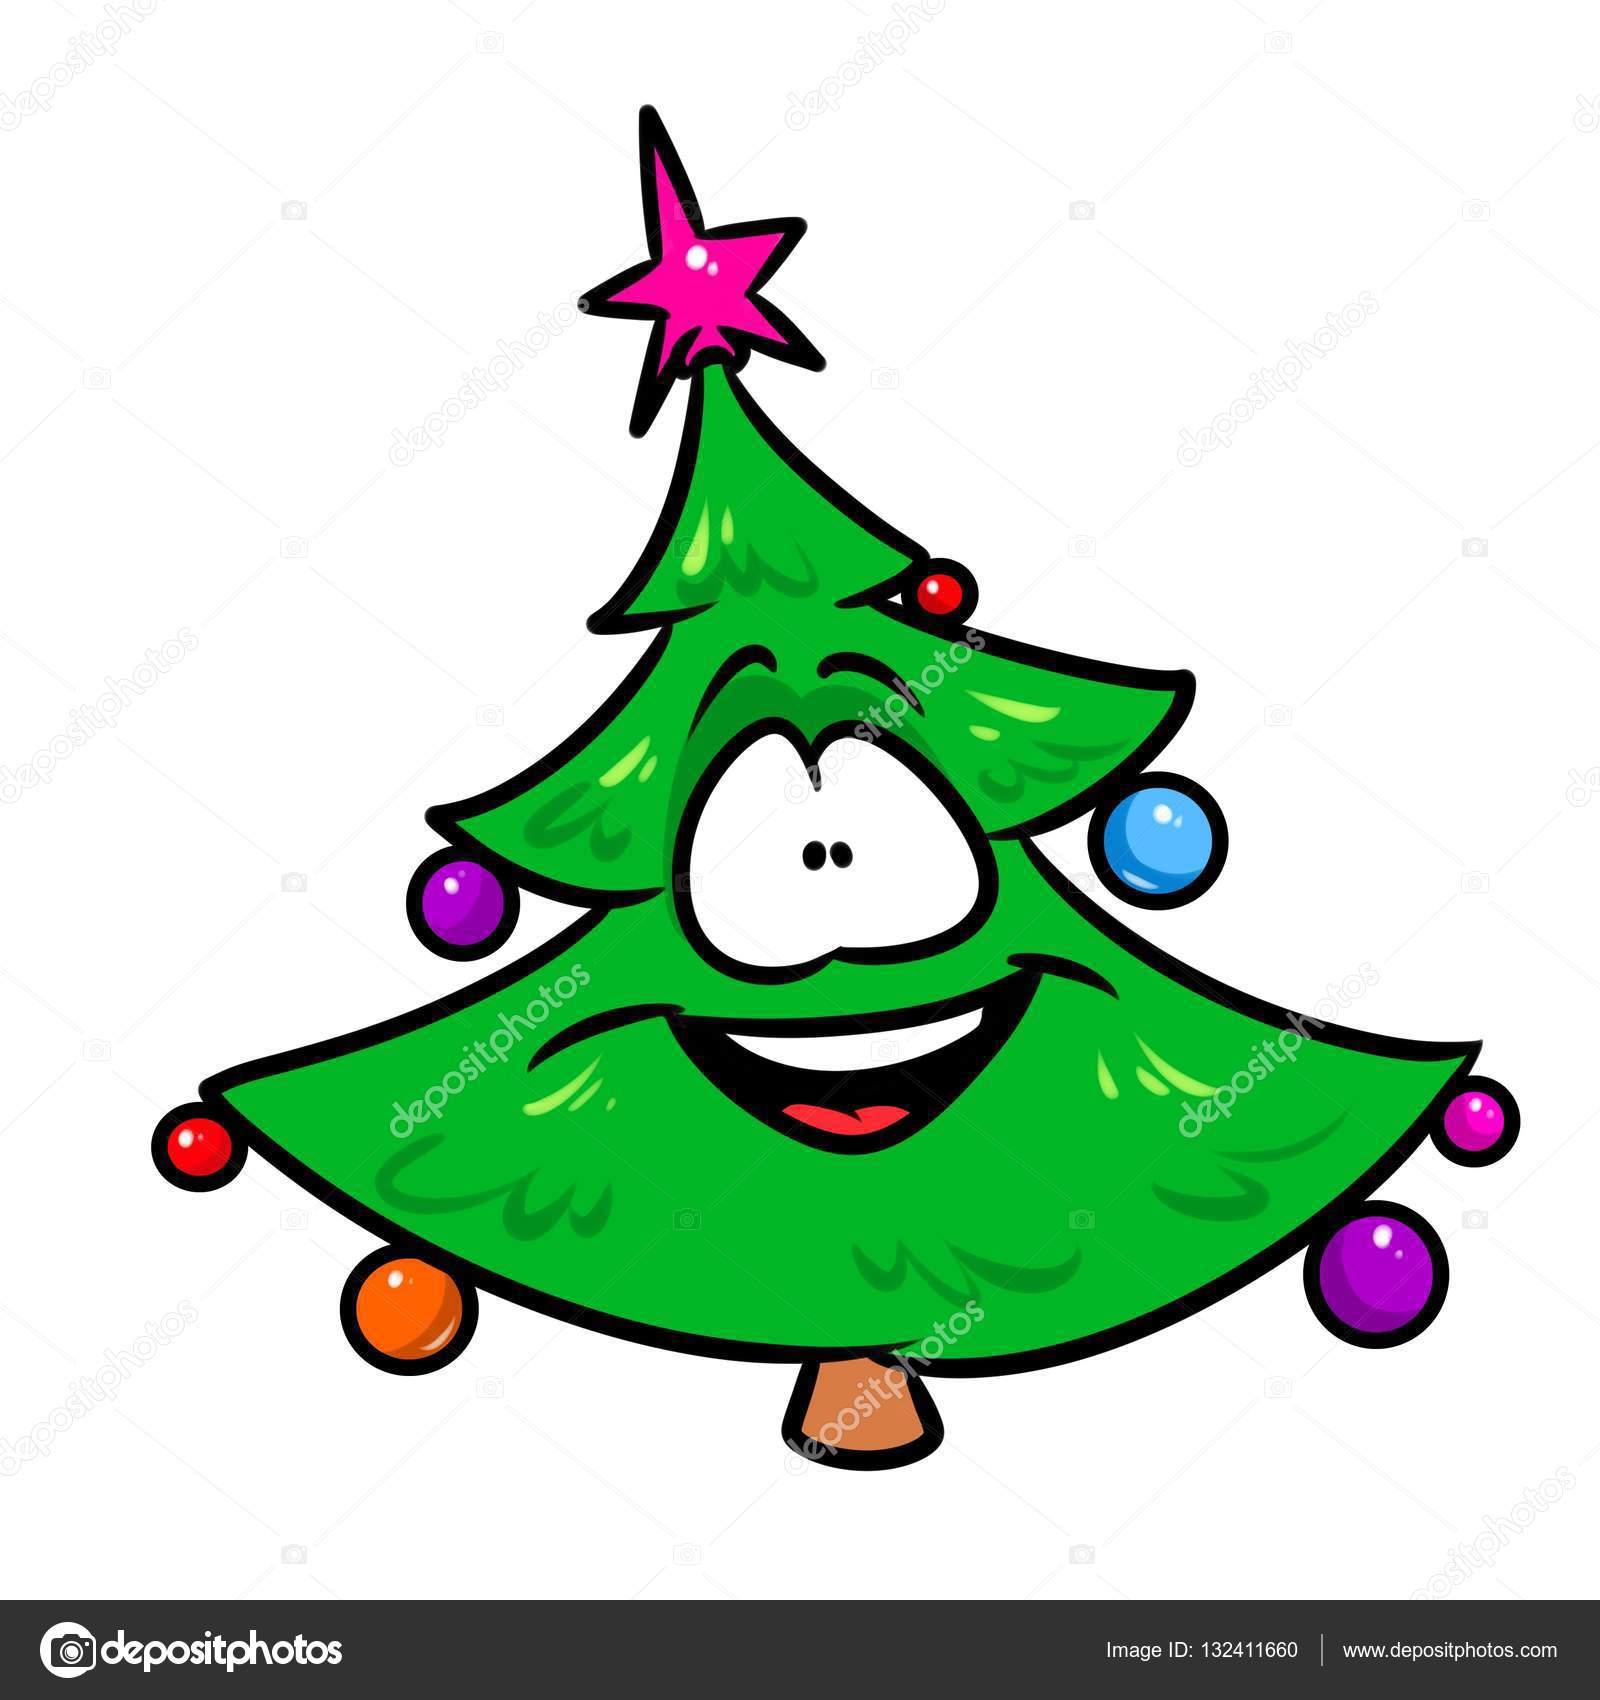 Historieta De Alegria Arbol De Navidad Bolas Navidad Arbol Bola